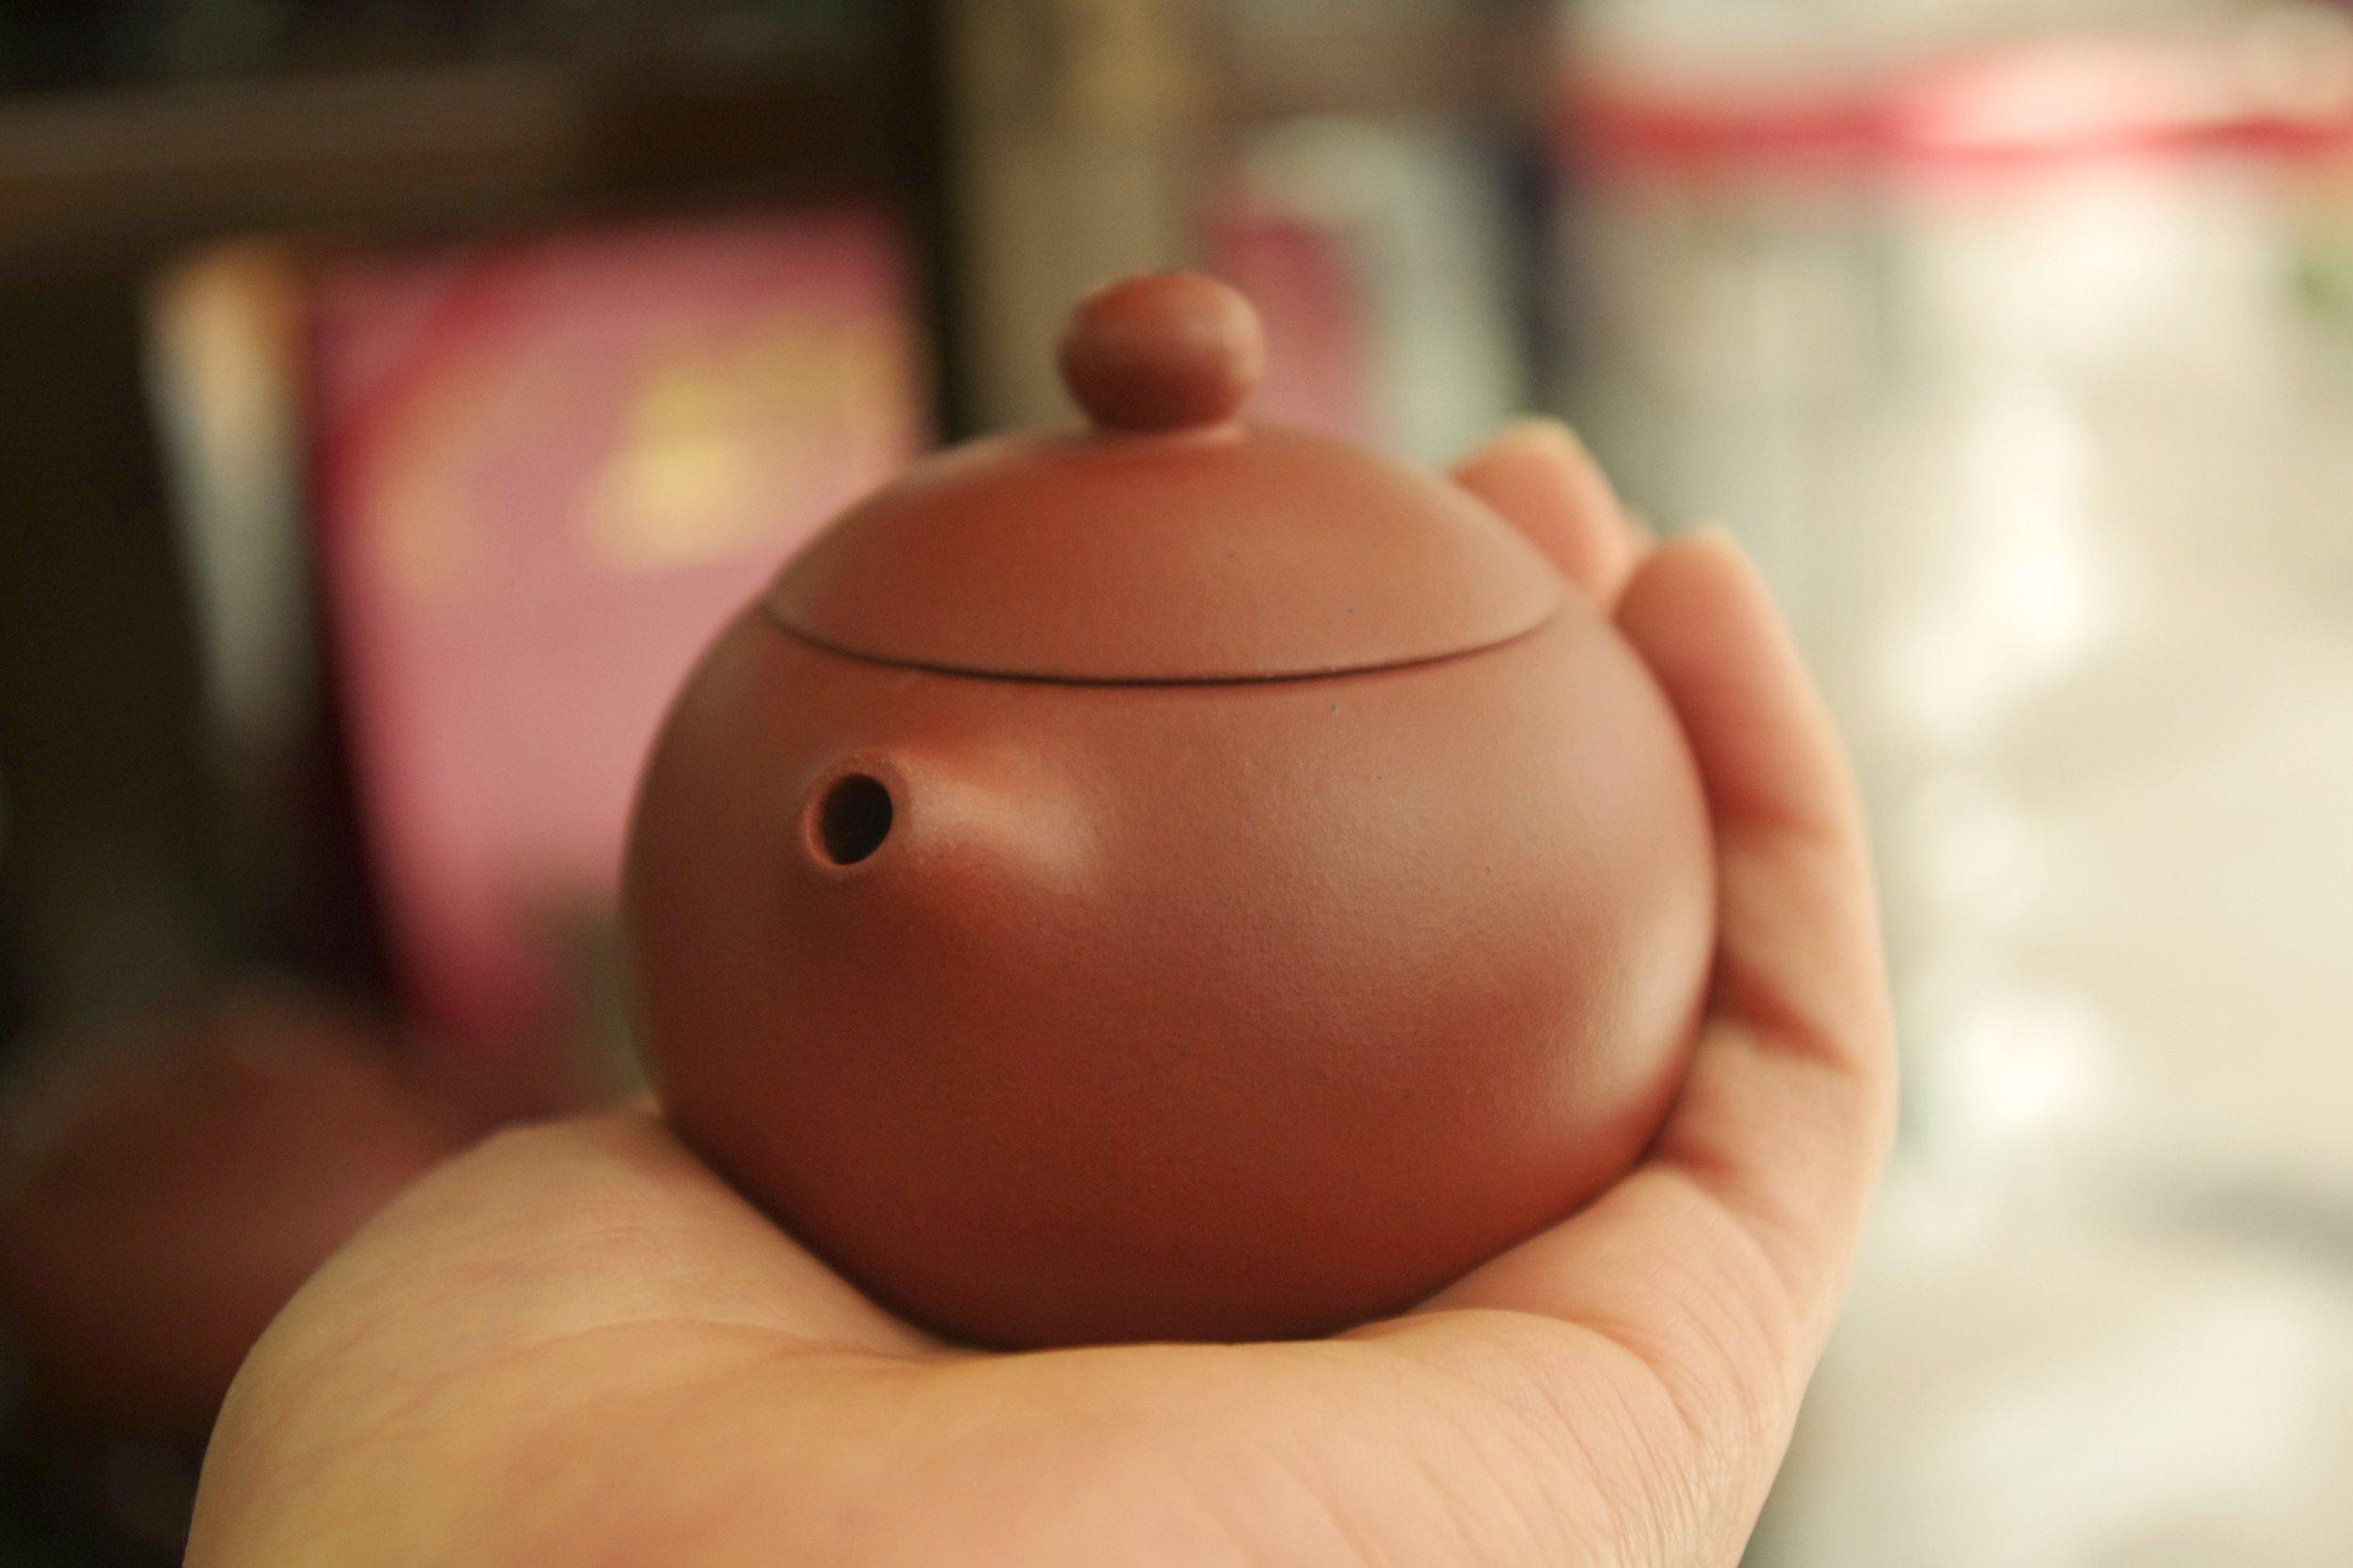 Yixing teapot in my palm